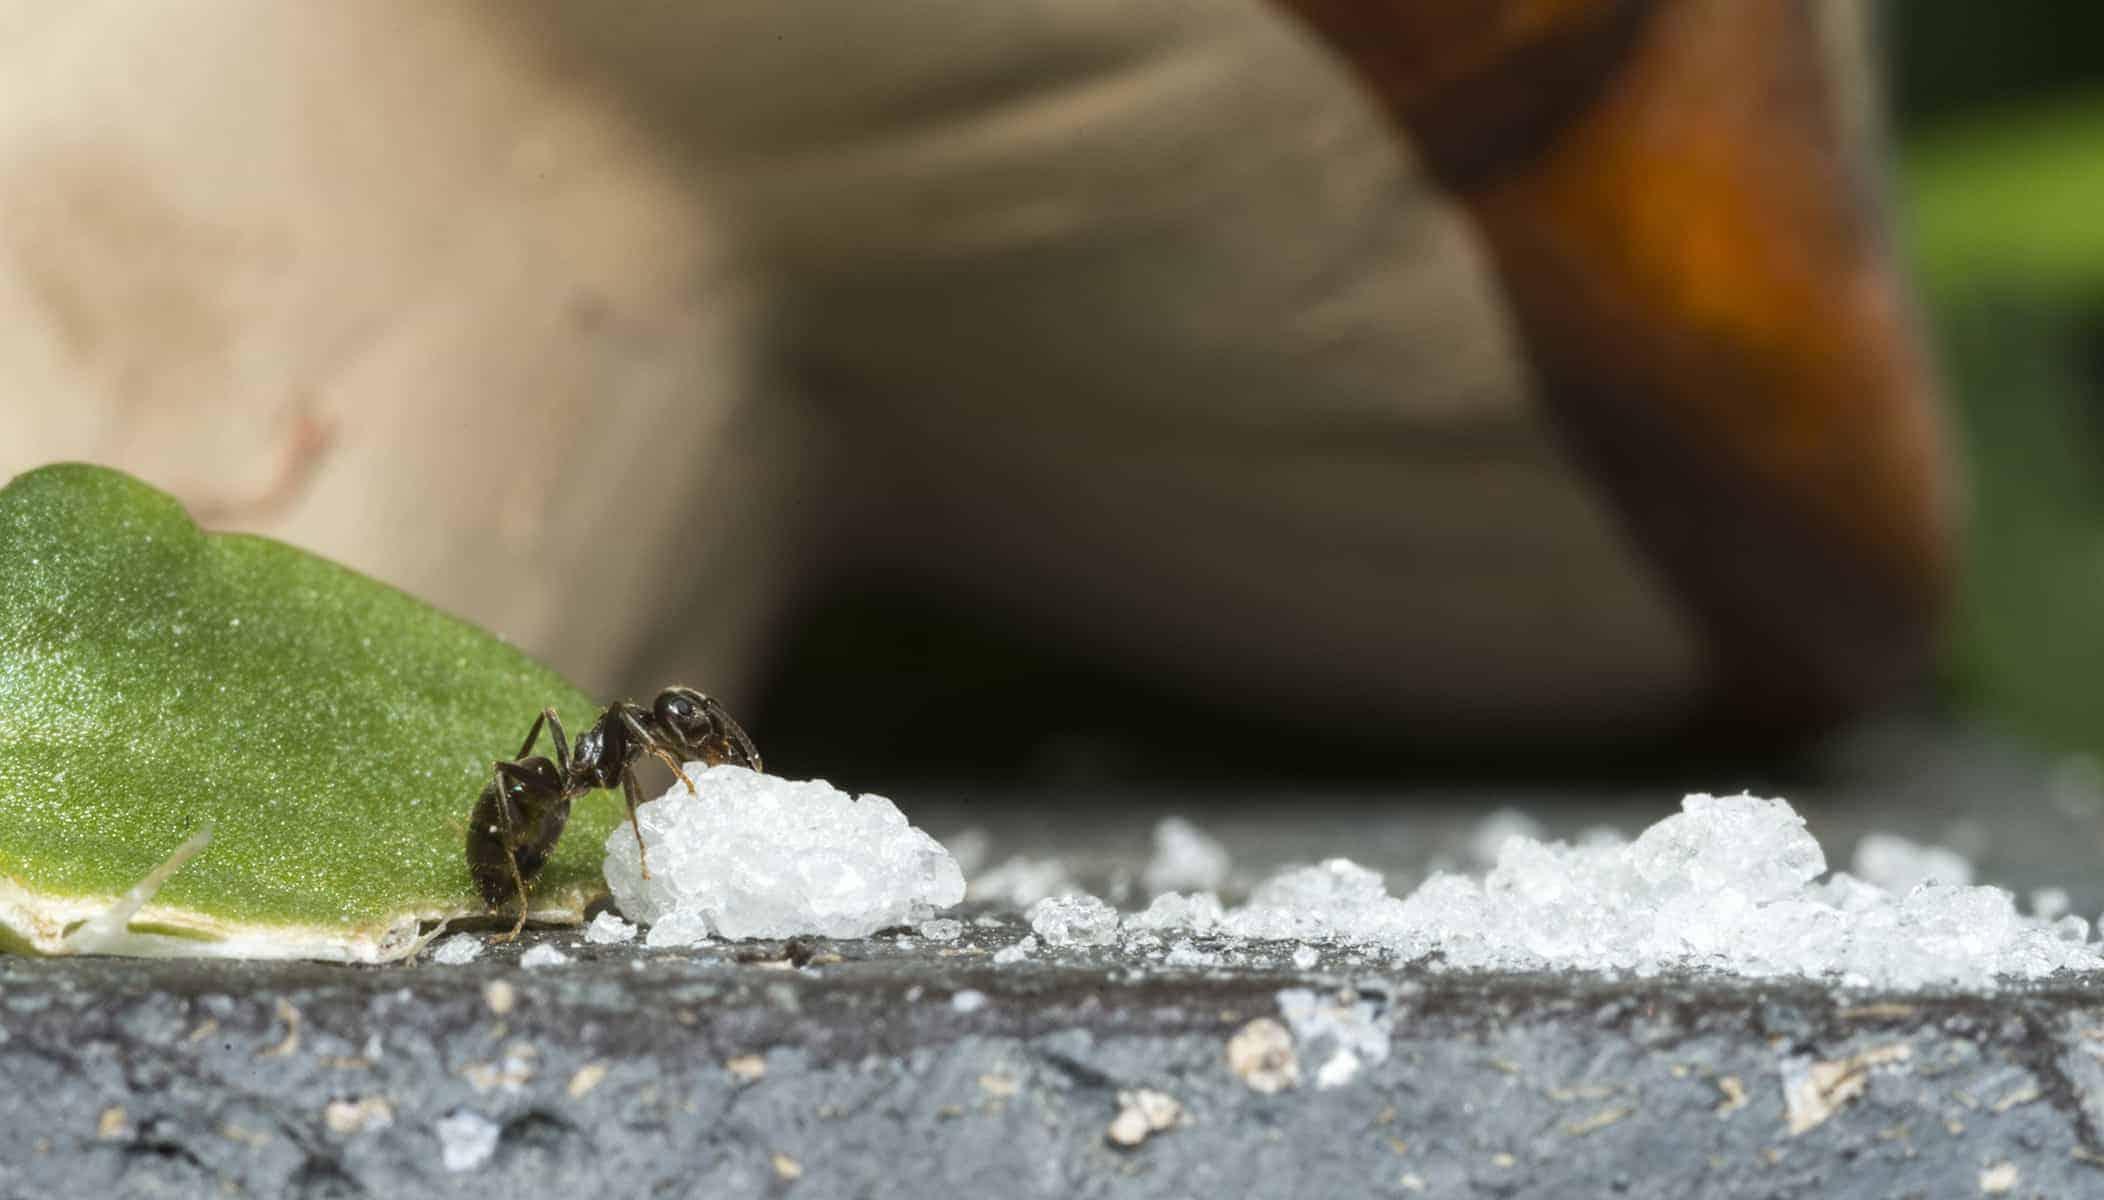 Mrówki W Domu Jak Się Ich Pozbyć Domowe Sposoby I Preparaty